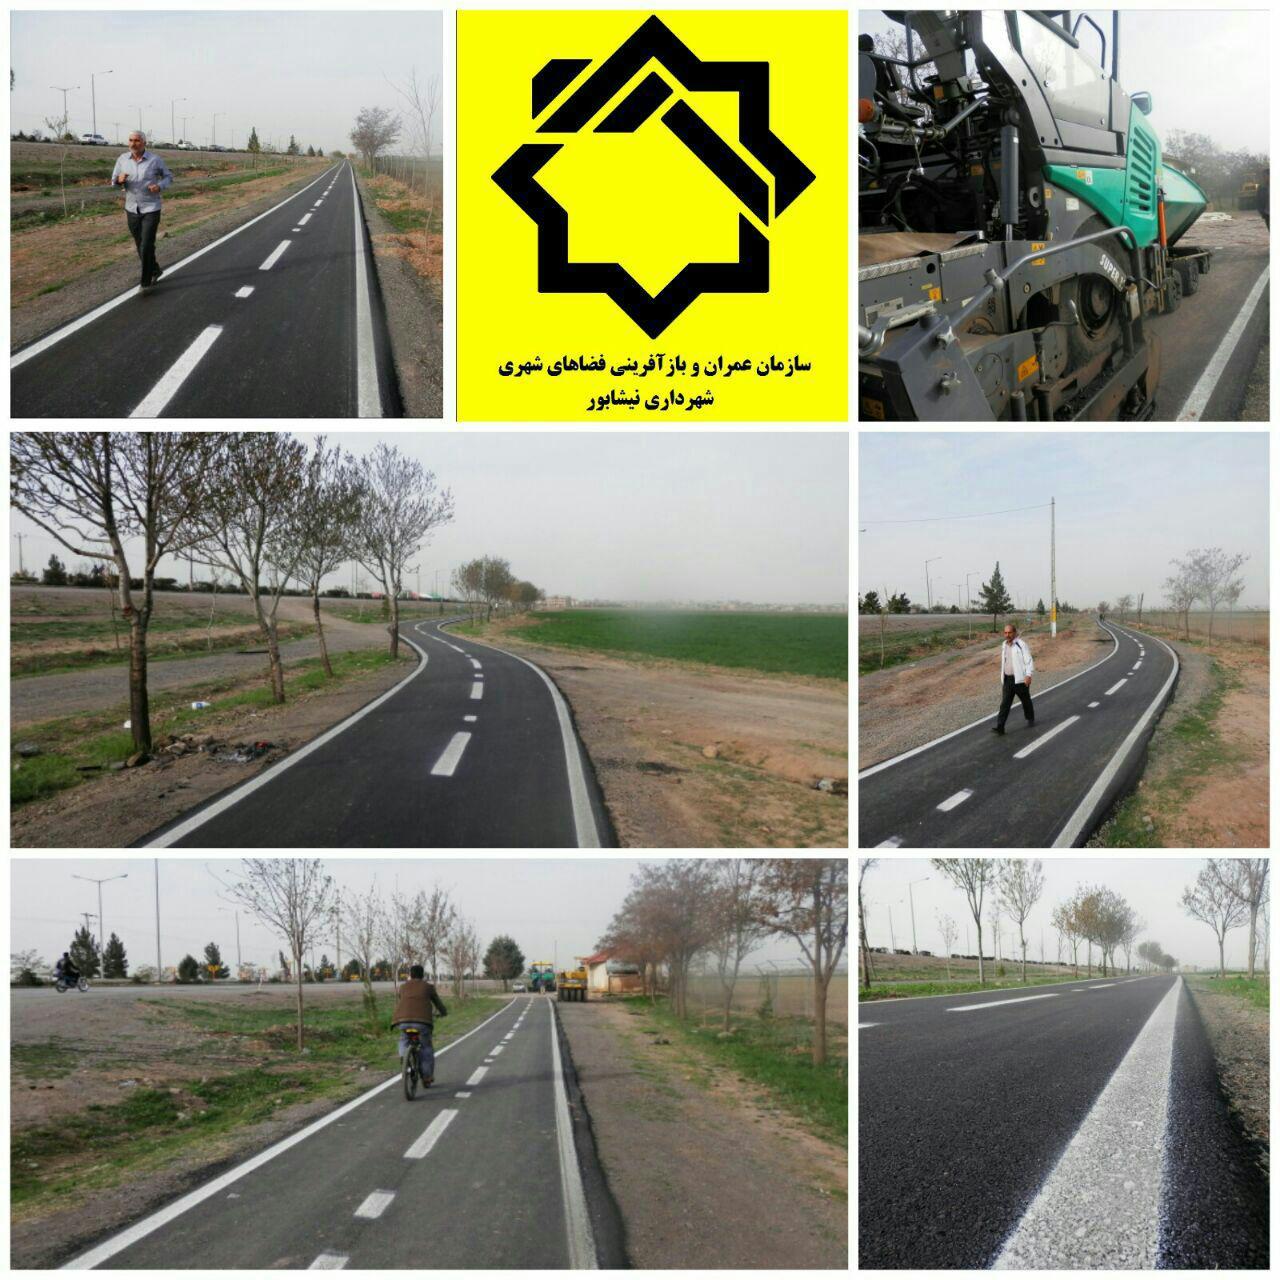 اجرای مسیر دوچرخه سواری در جاده باغرود